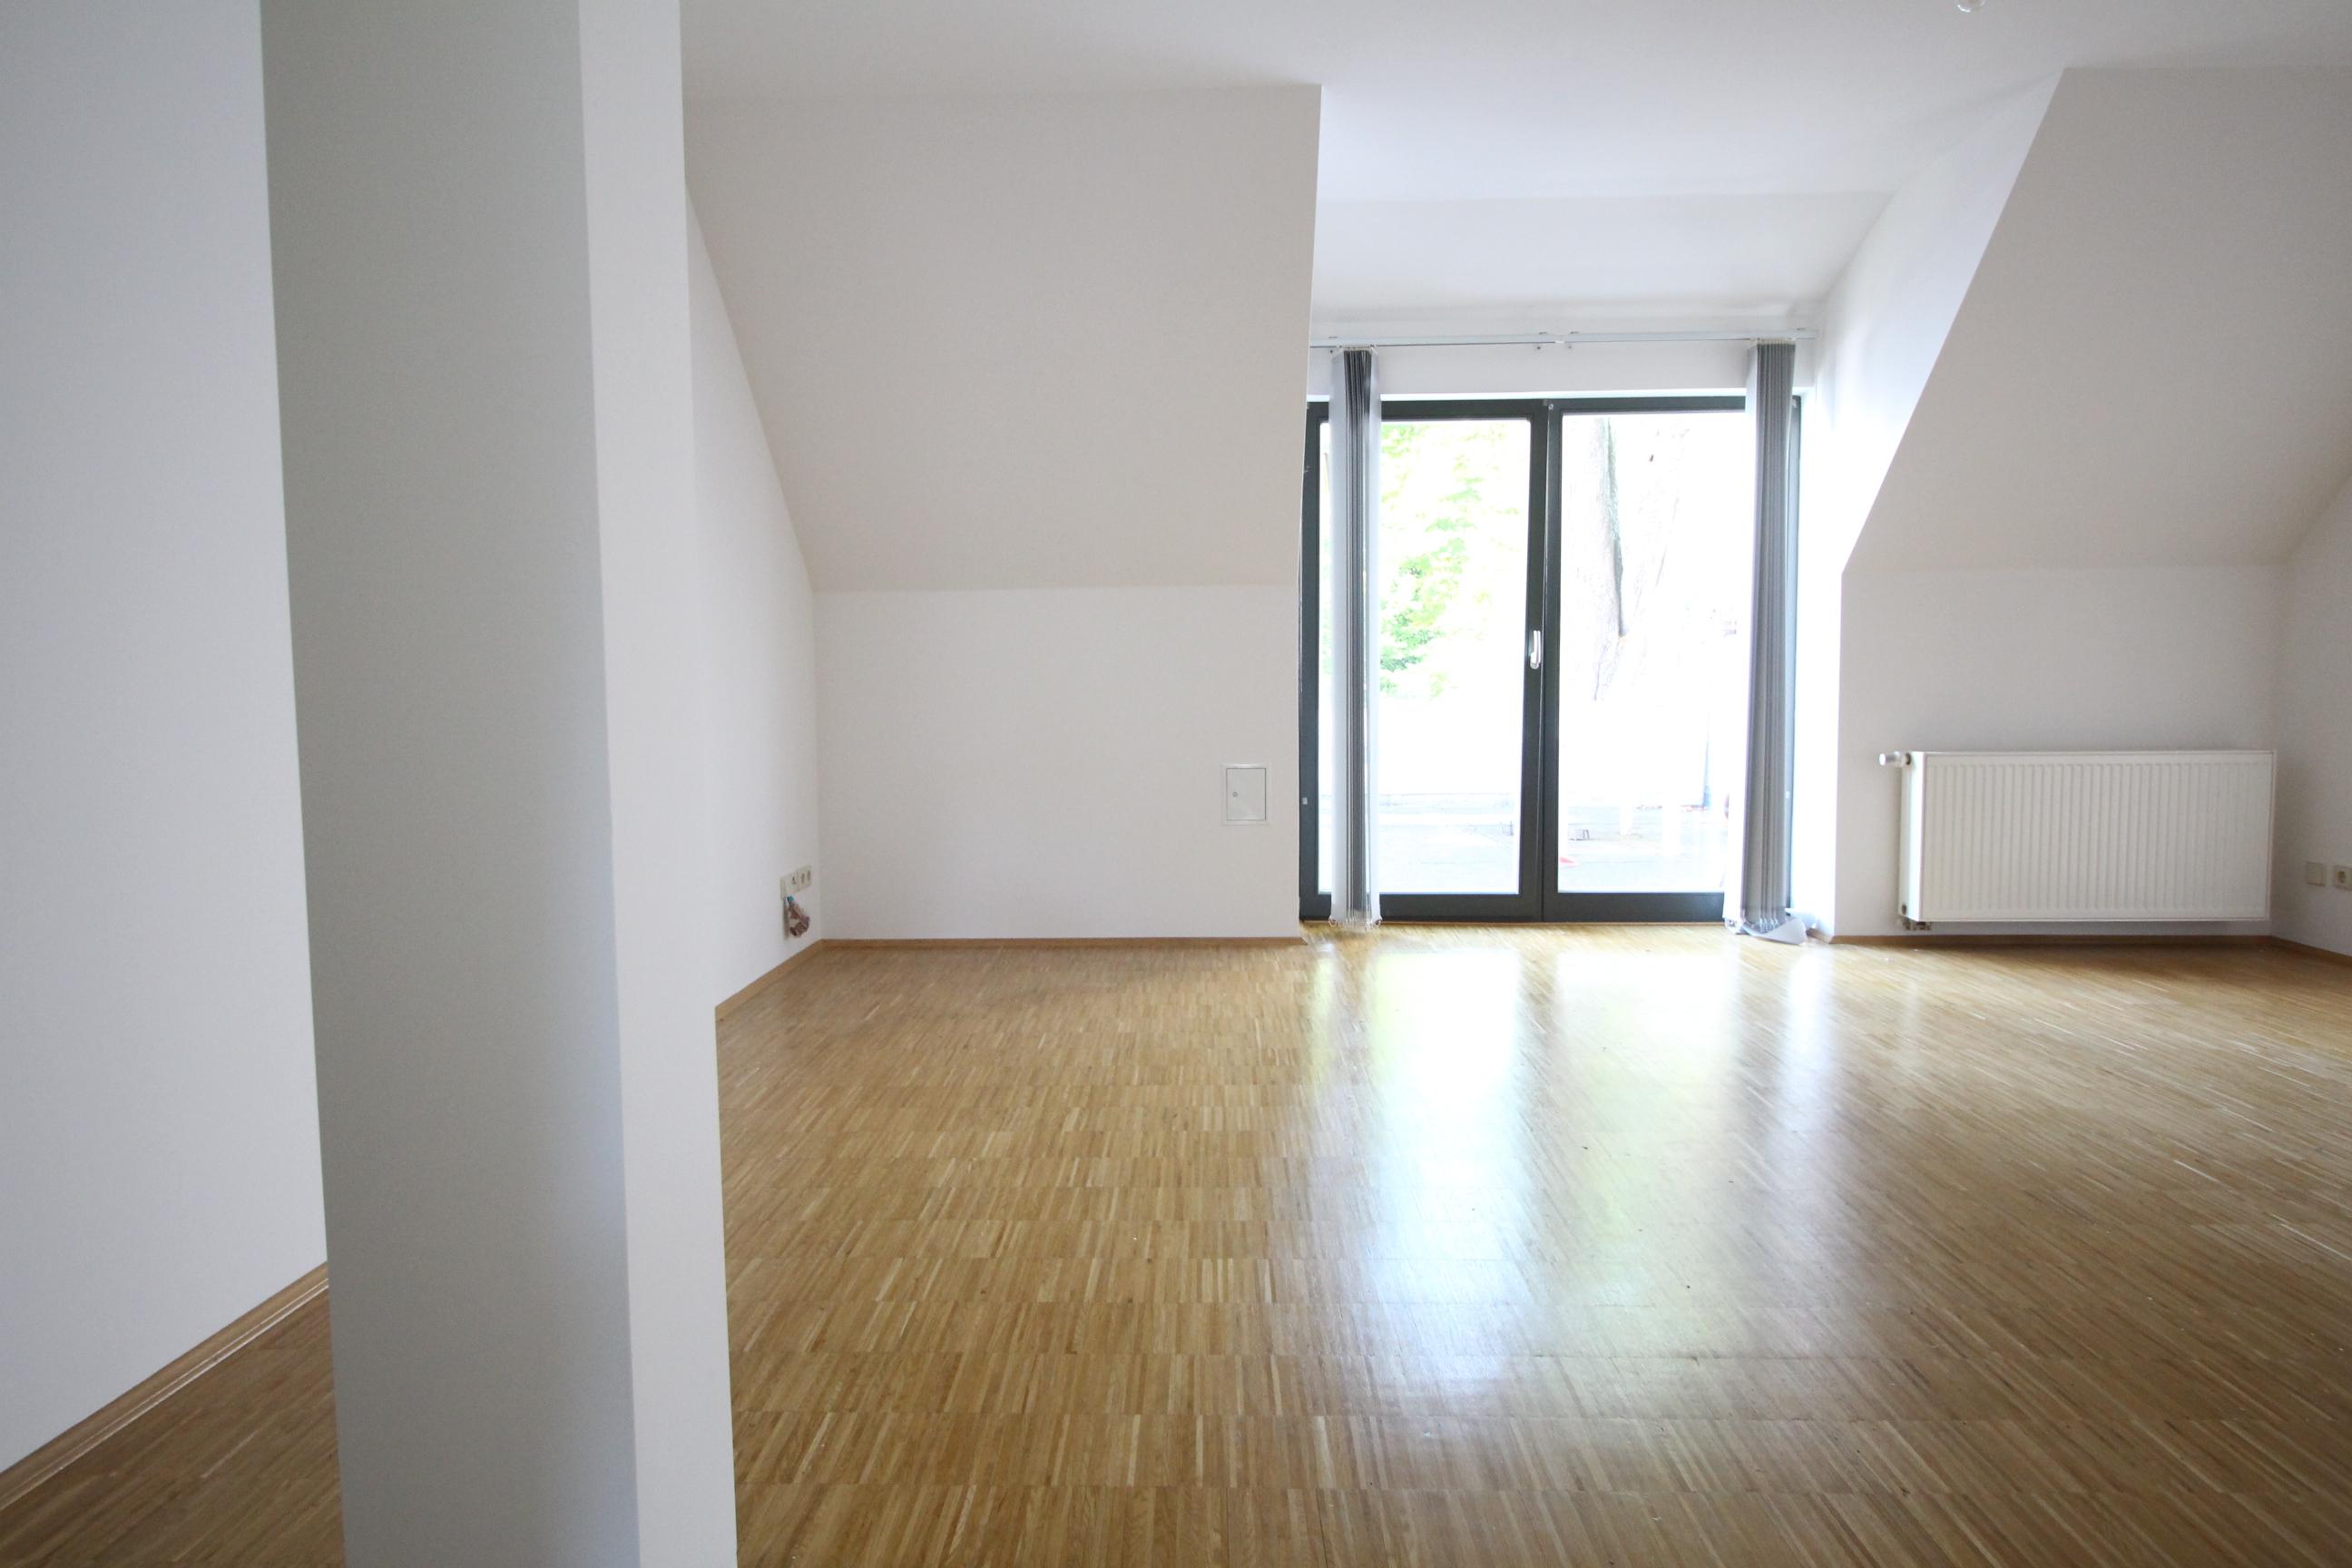 allerweg 1 30449 hannover. Black Bedroom Furniture Sets. Home Design Ideas